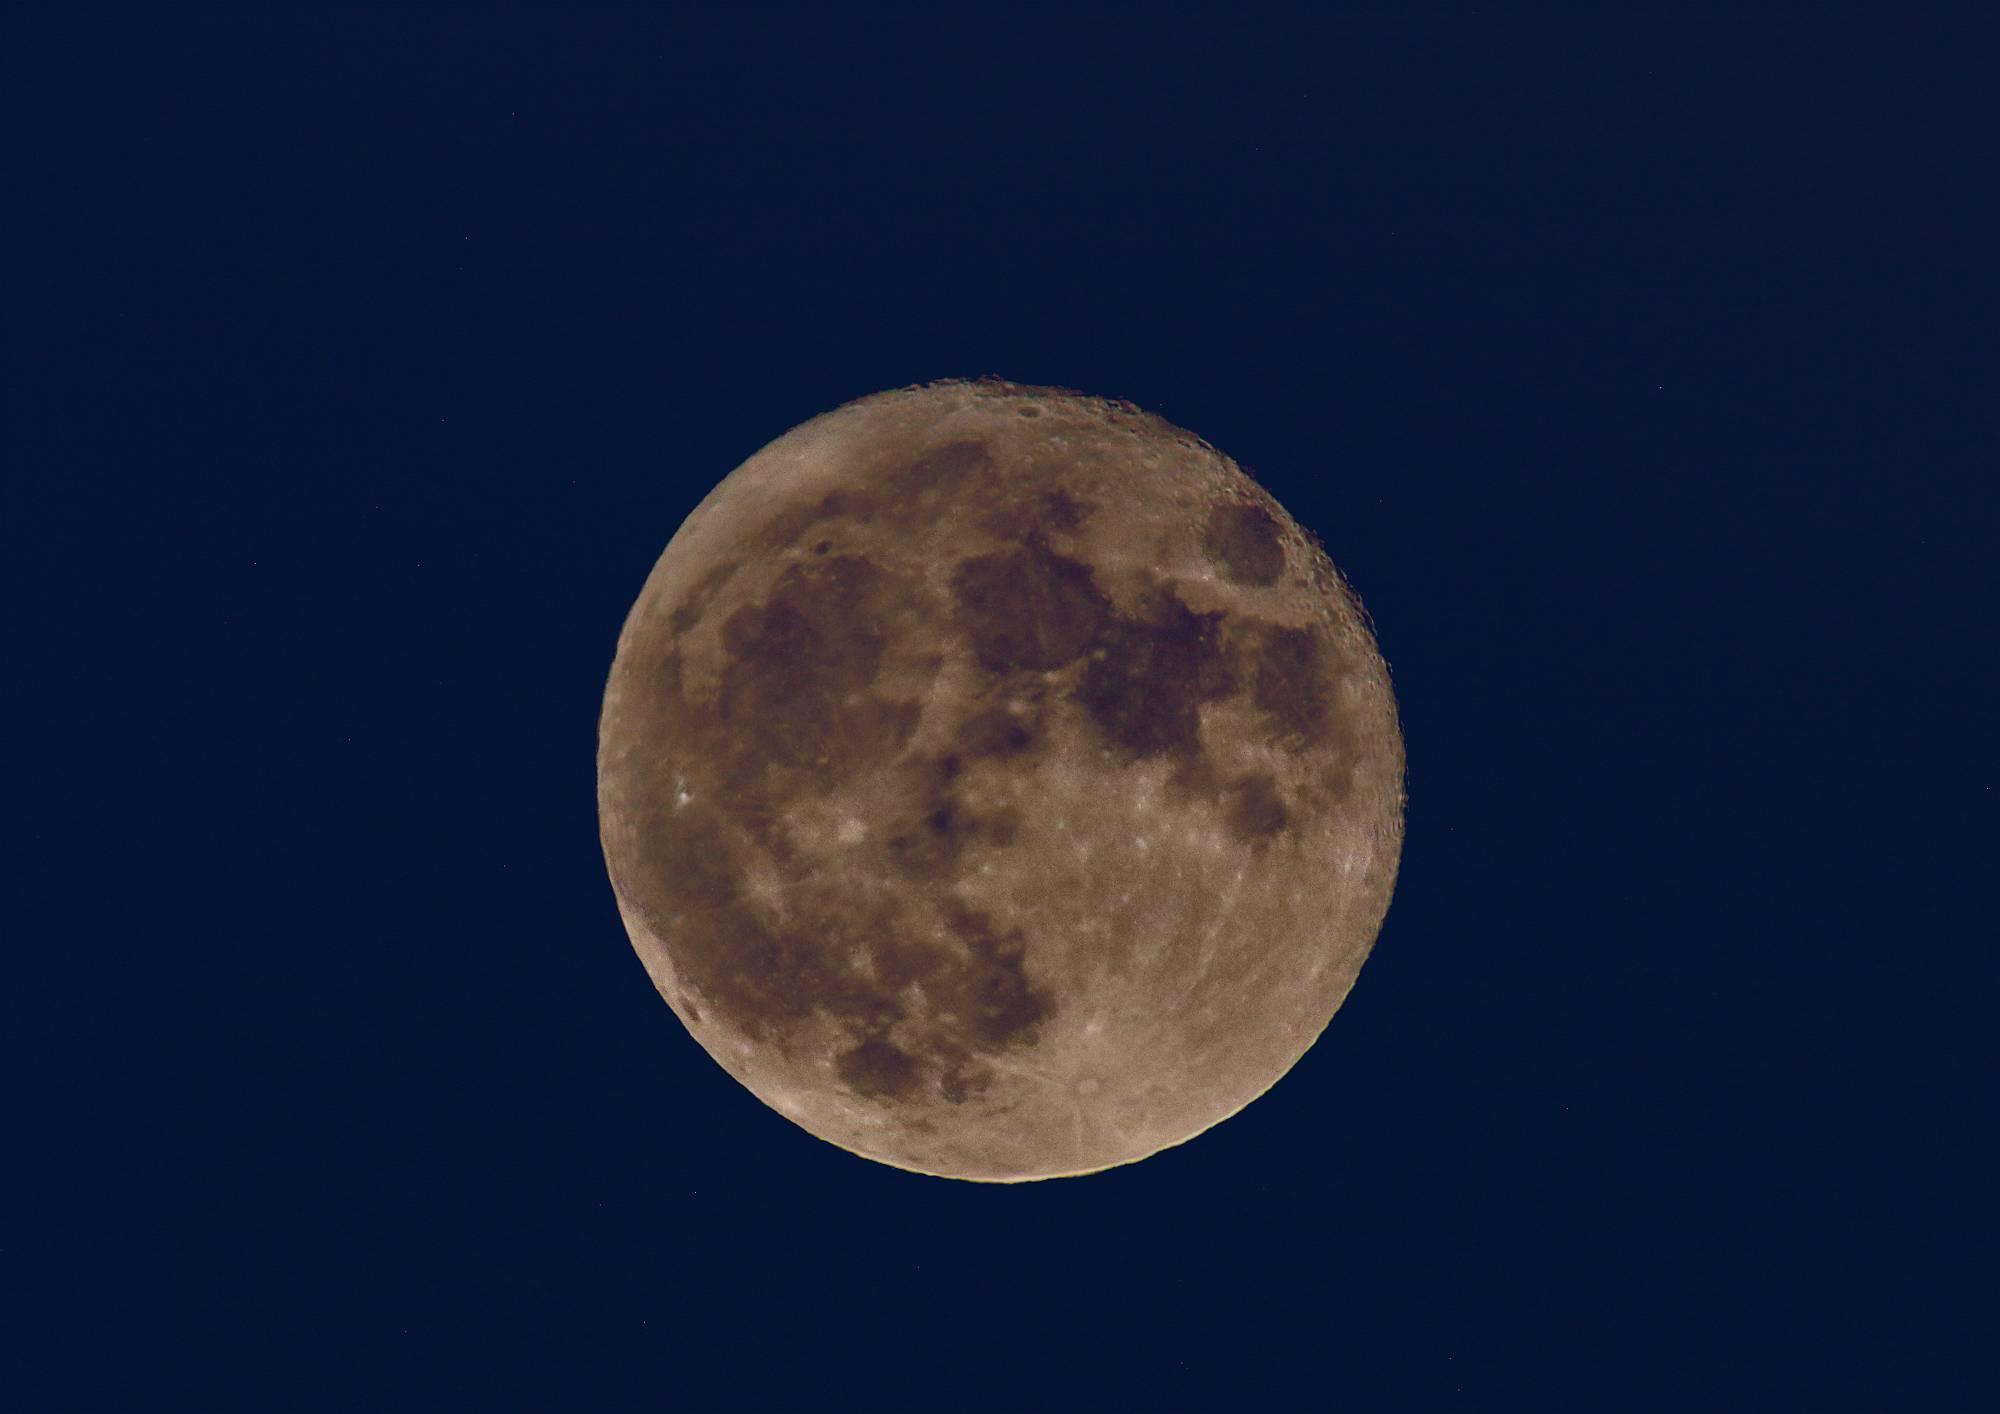 月(Moon) そのⅤ_a0140608_19432809.jpg